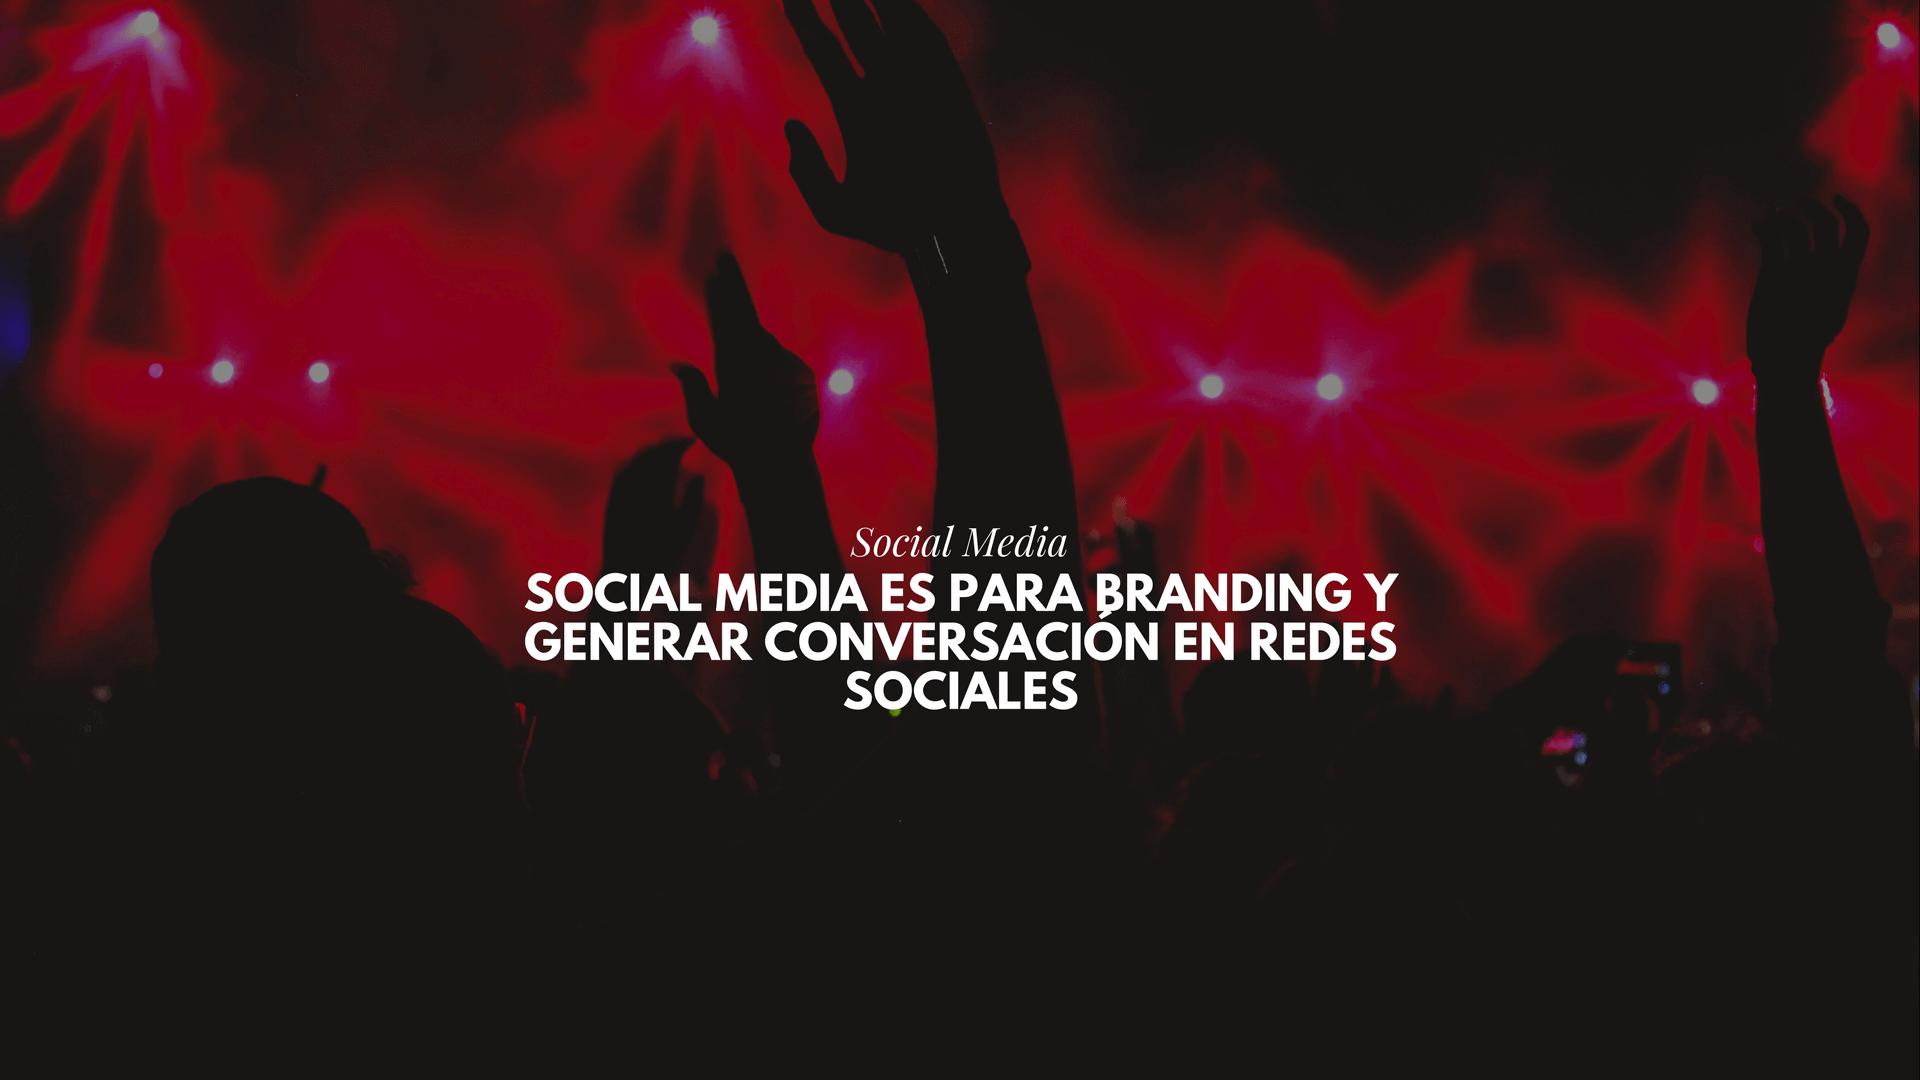 Social Media es para Branding y generar conversación en Redes Sociales